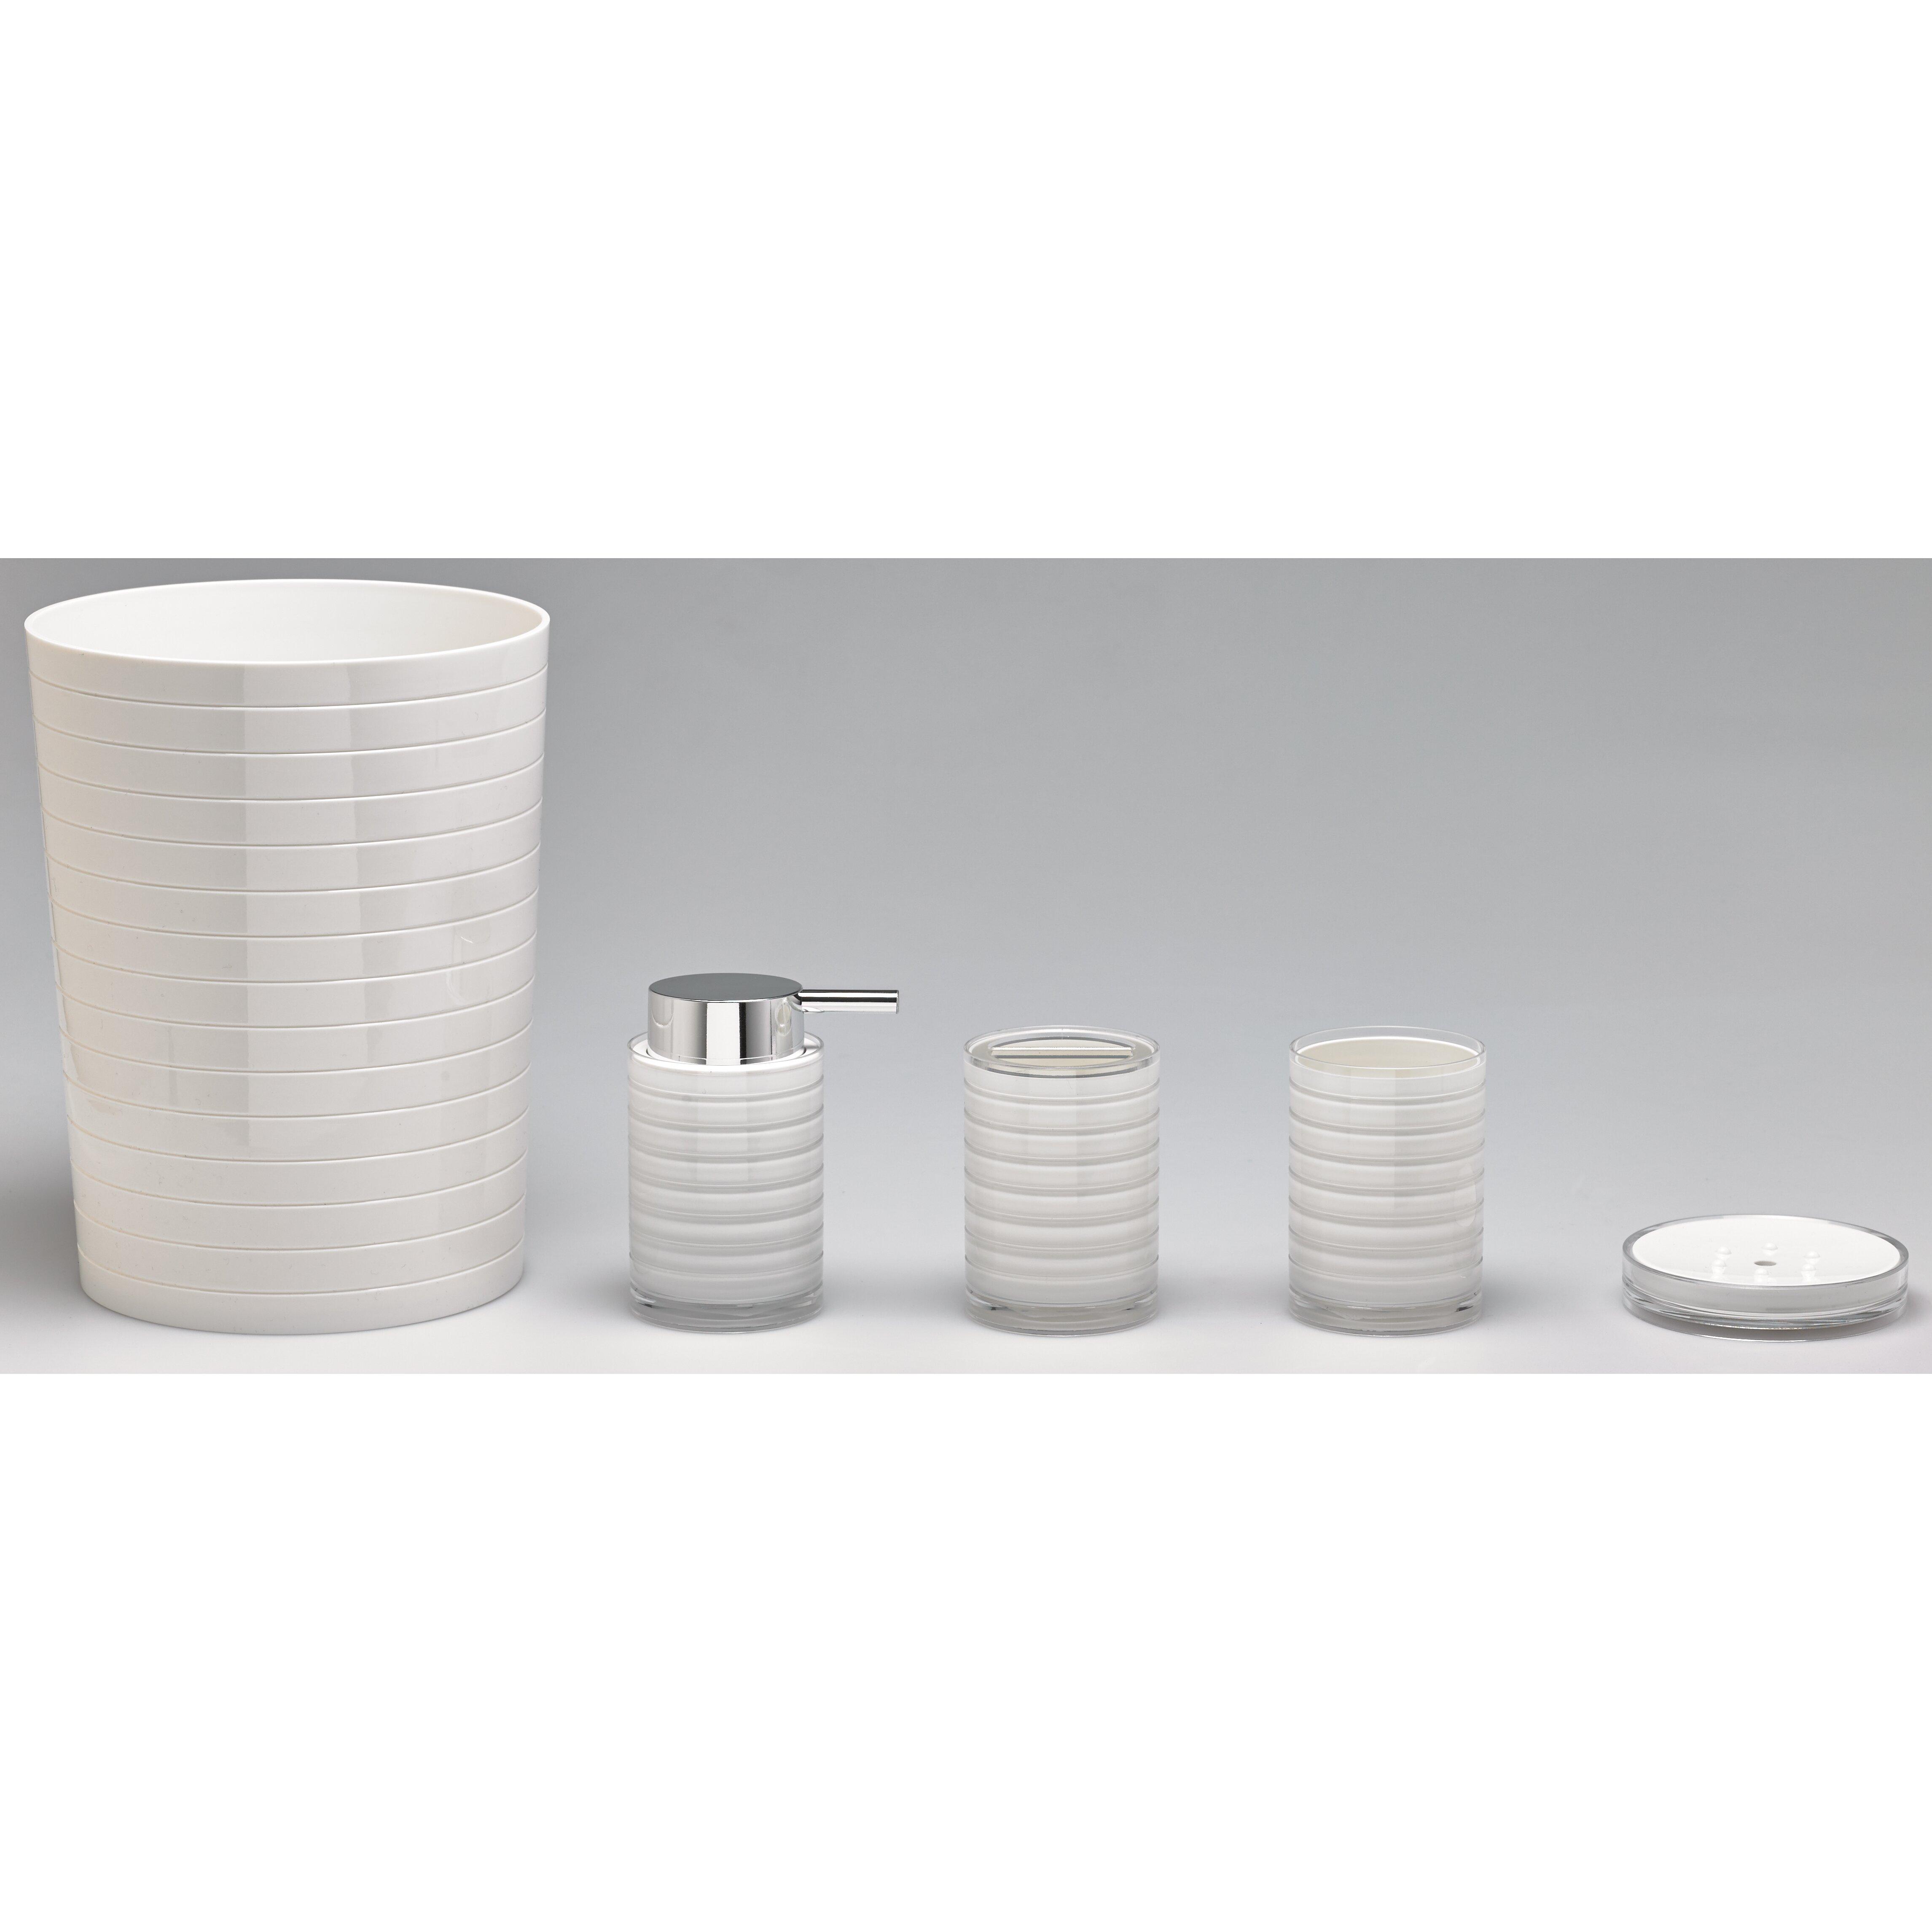 moda at home ice acrylic 4-piece bathroom accessory set   wayfair